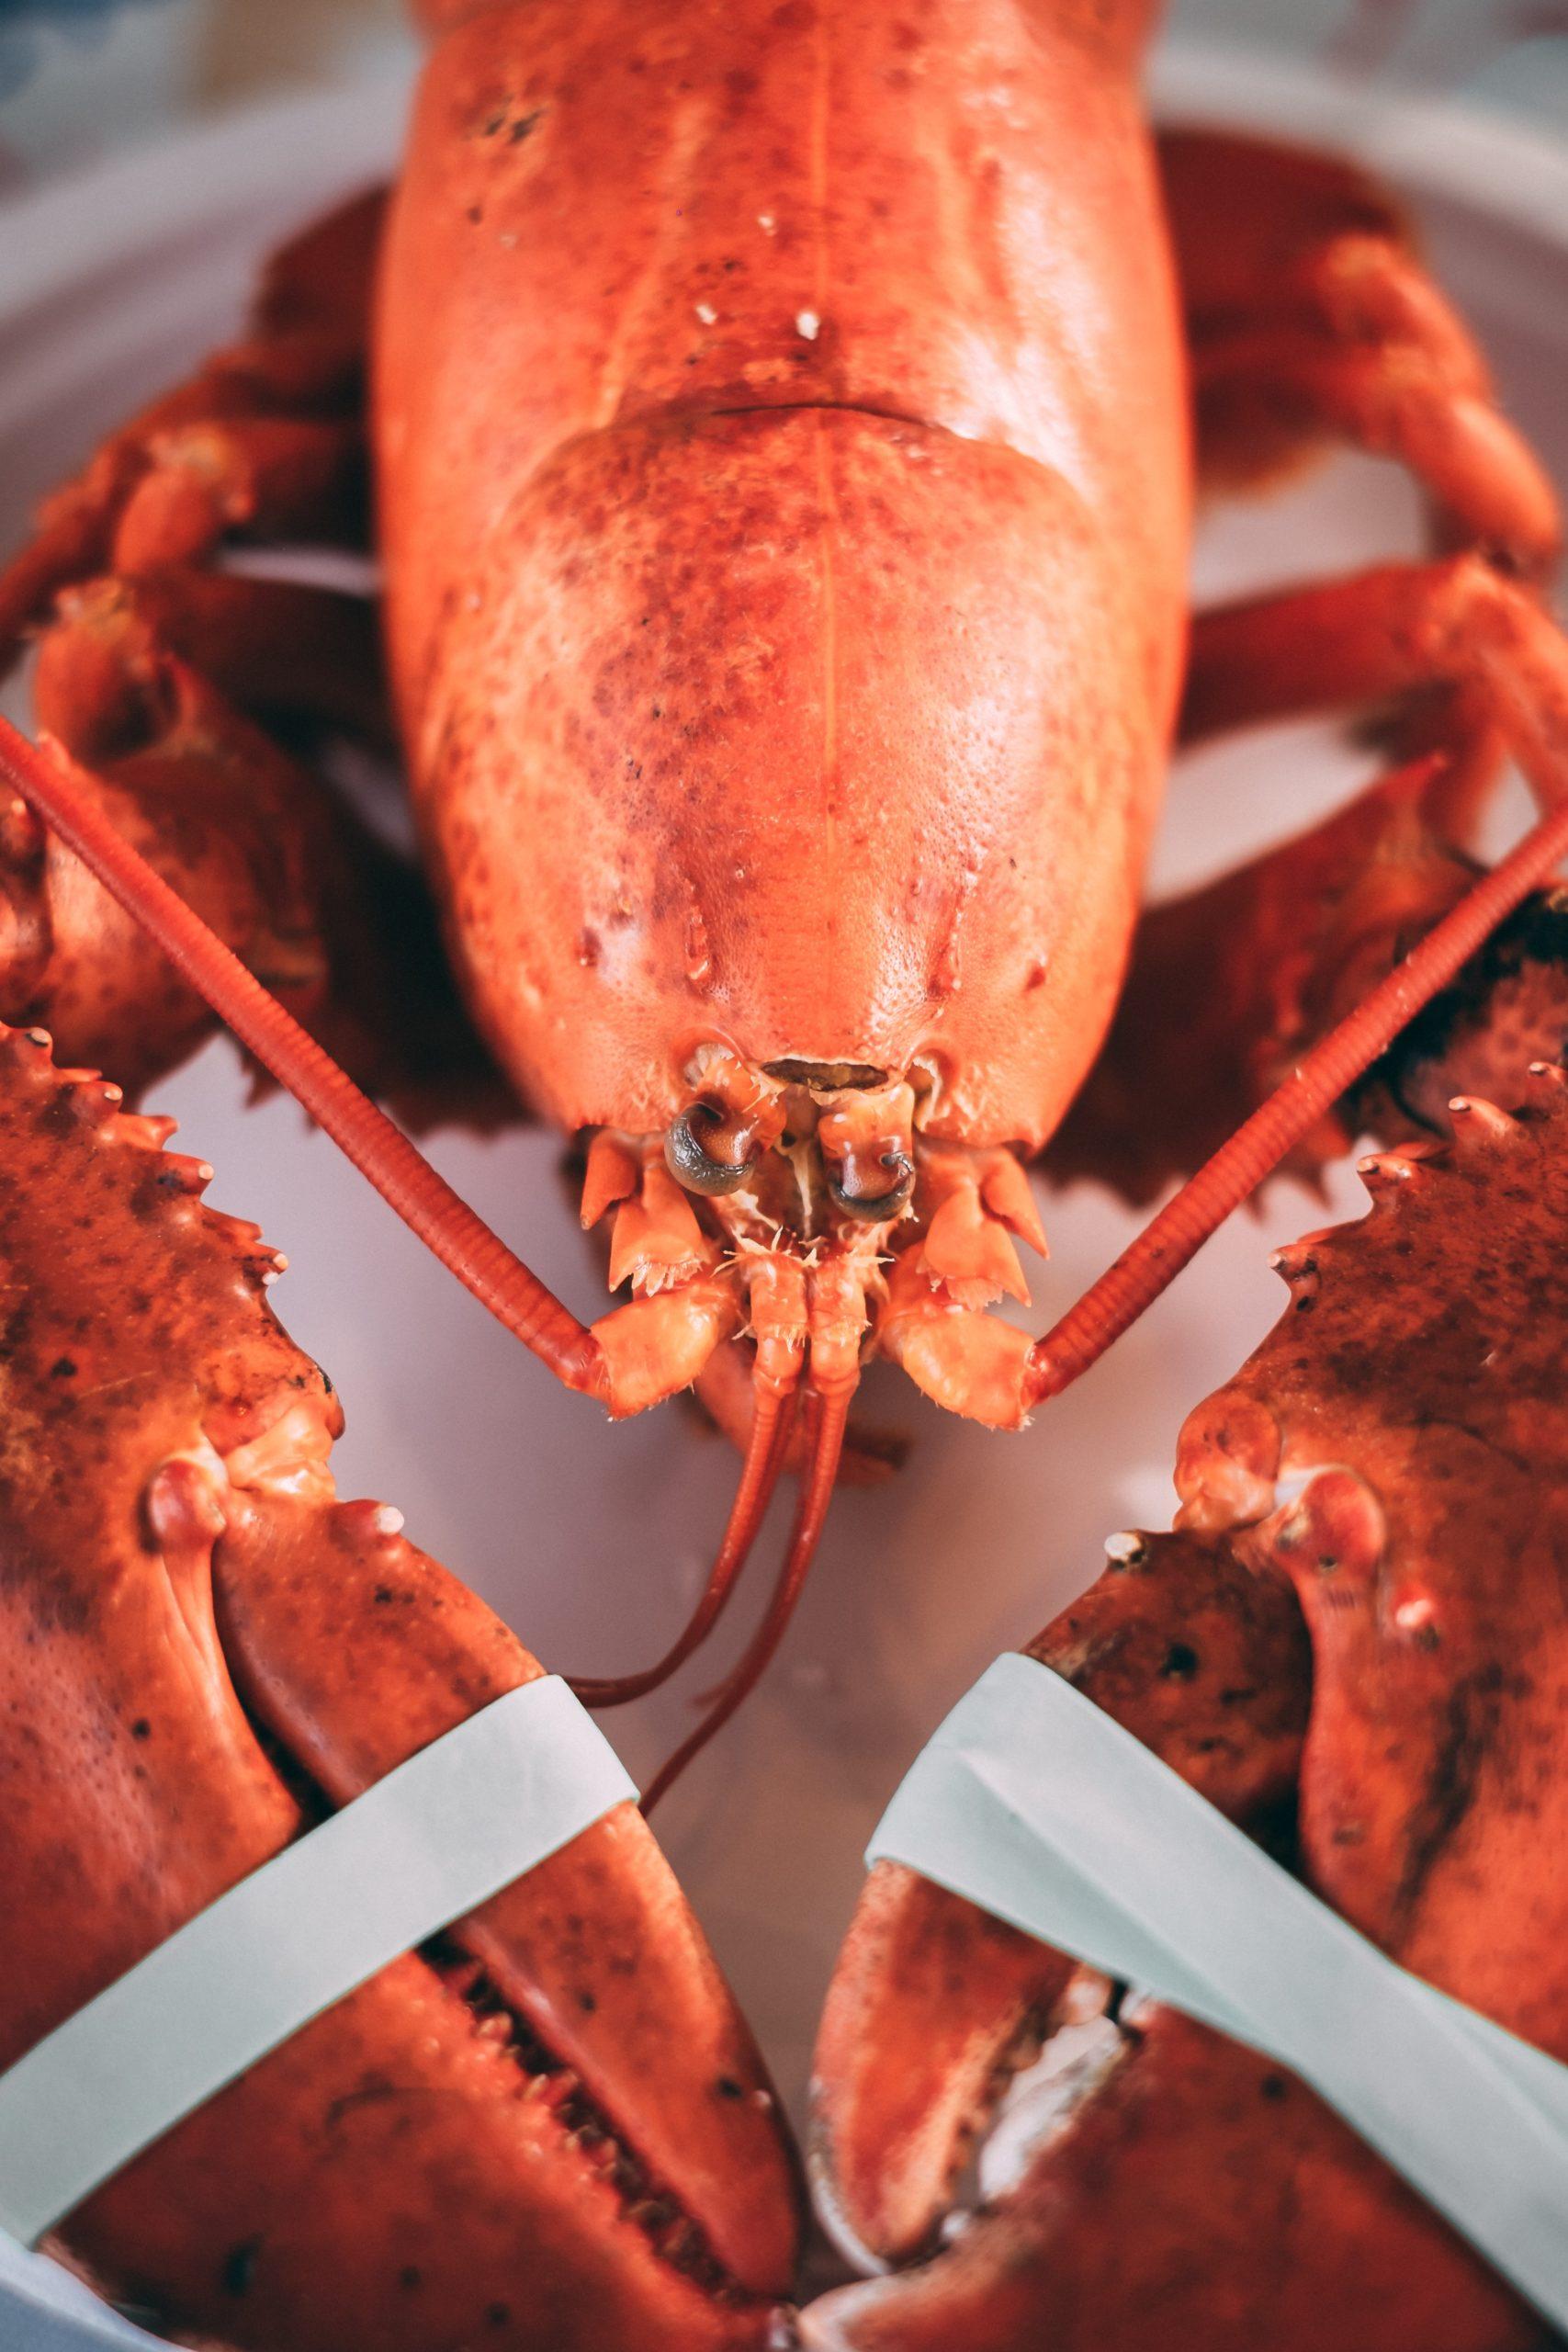 homard et ses pinces: pas facile à décortiquer!